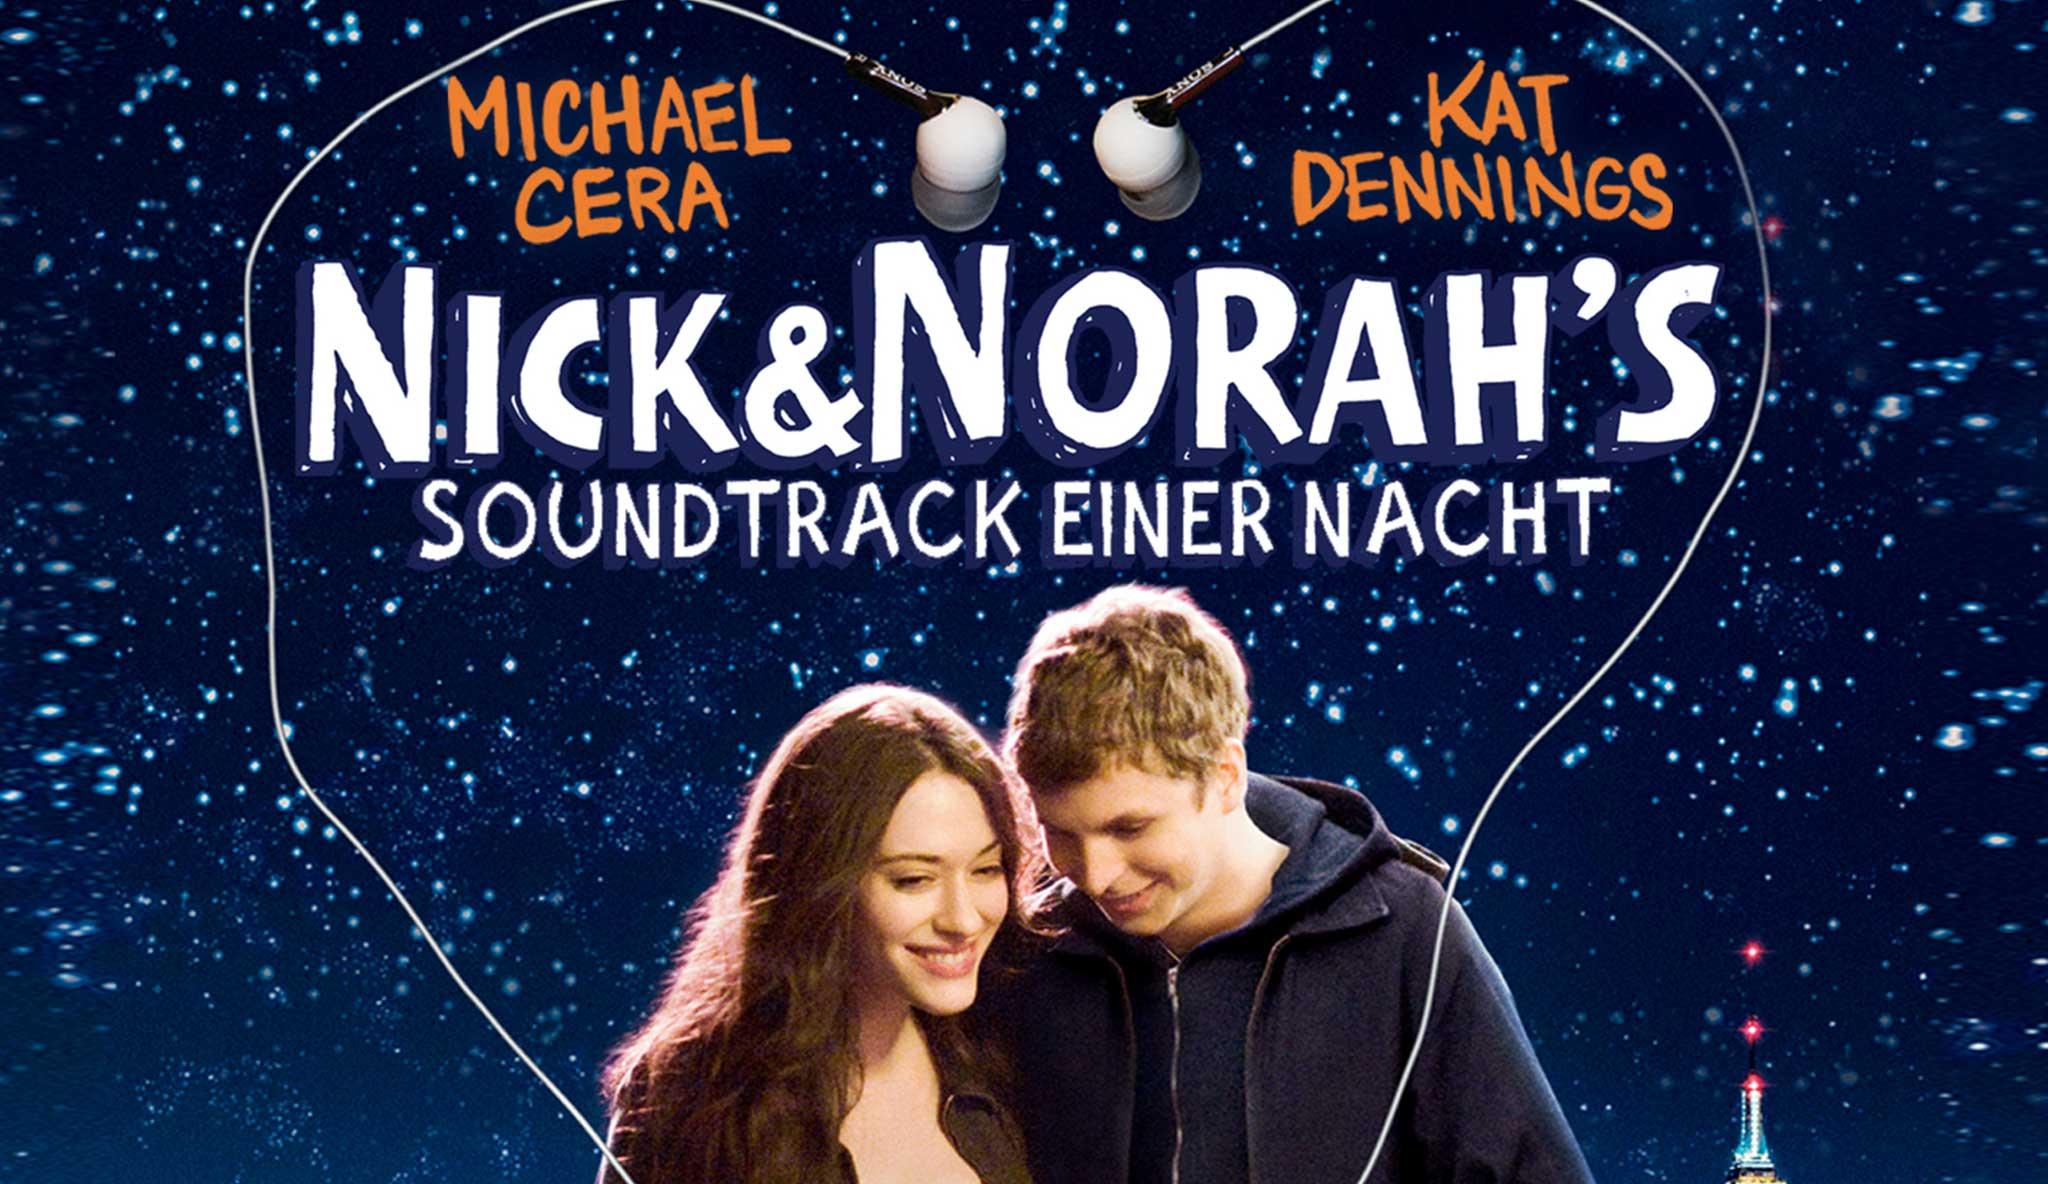 nick-und-norah-soundtrack-einer-nacht\header.jpg